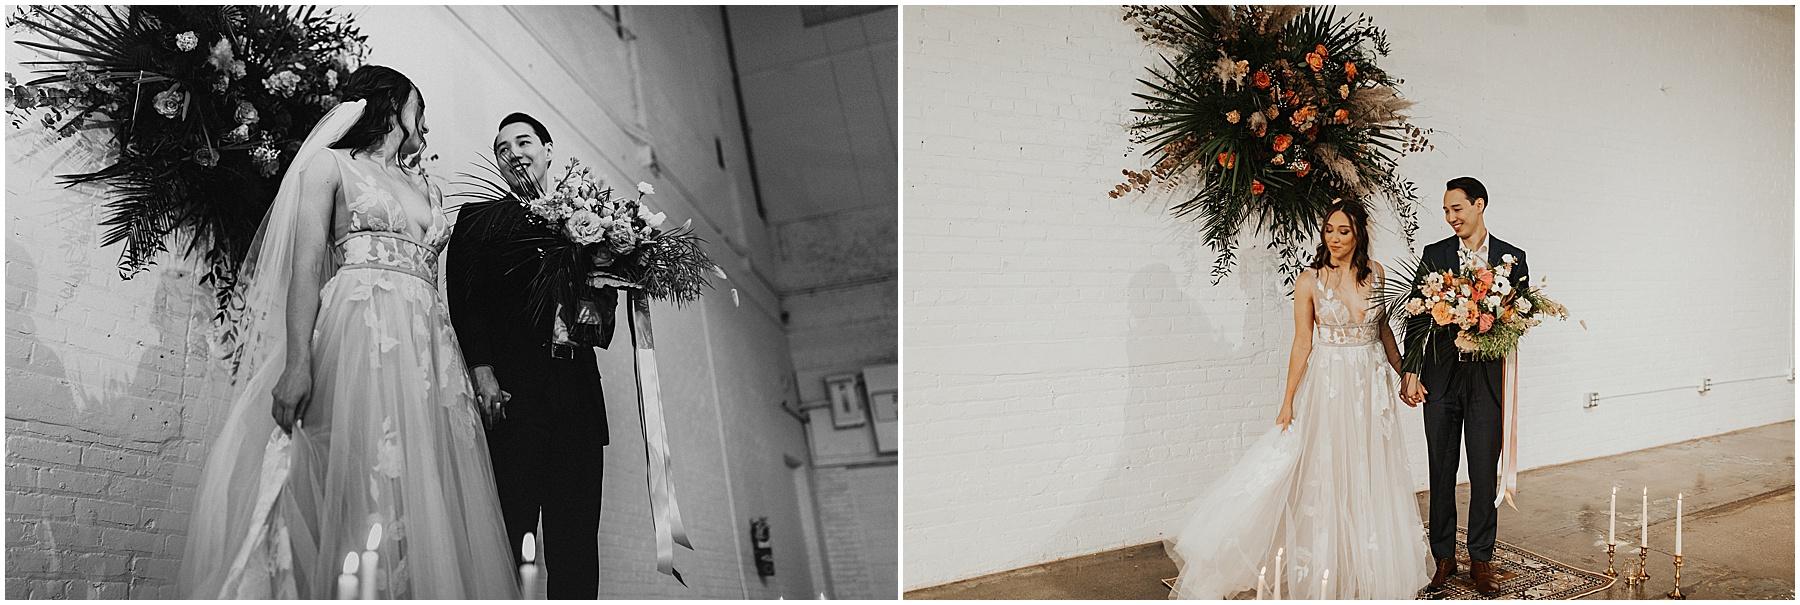 Tropical inspired boho wedding cleveland ohio the madison venue winter wedding_0122.jpg